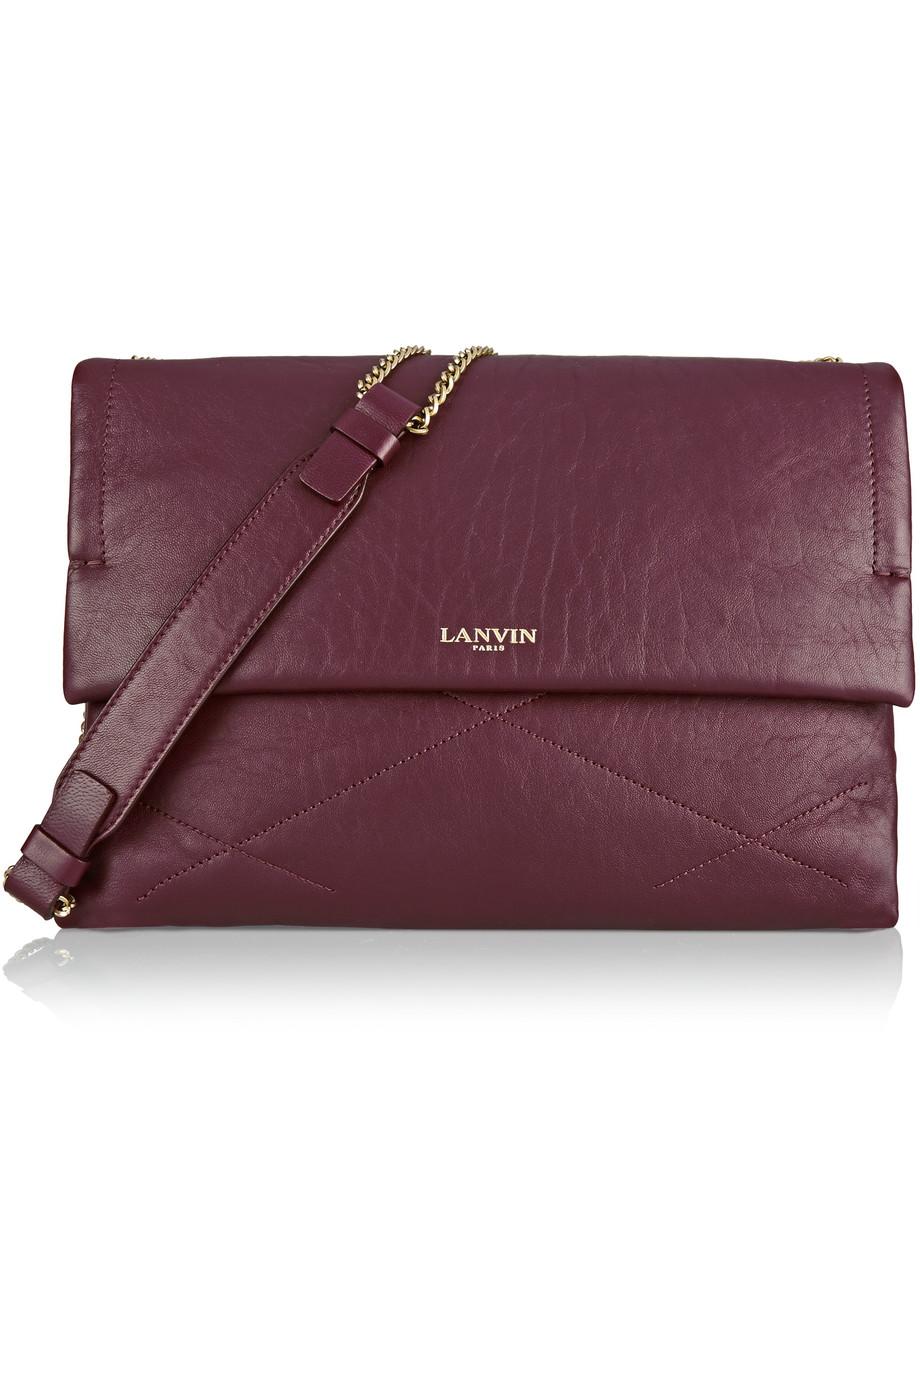 Lanvin Sugar Medium Quilted Leather Shoulder Bag, Burgundy, Women's